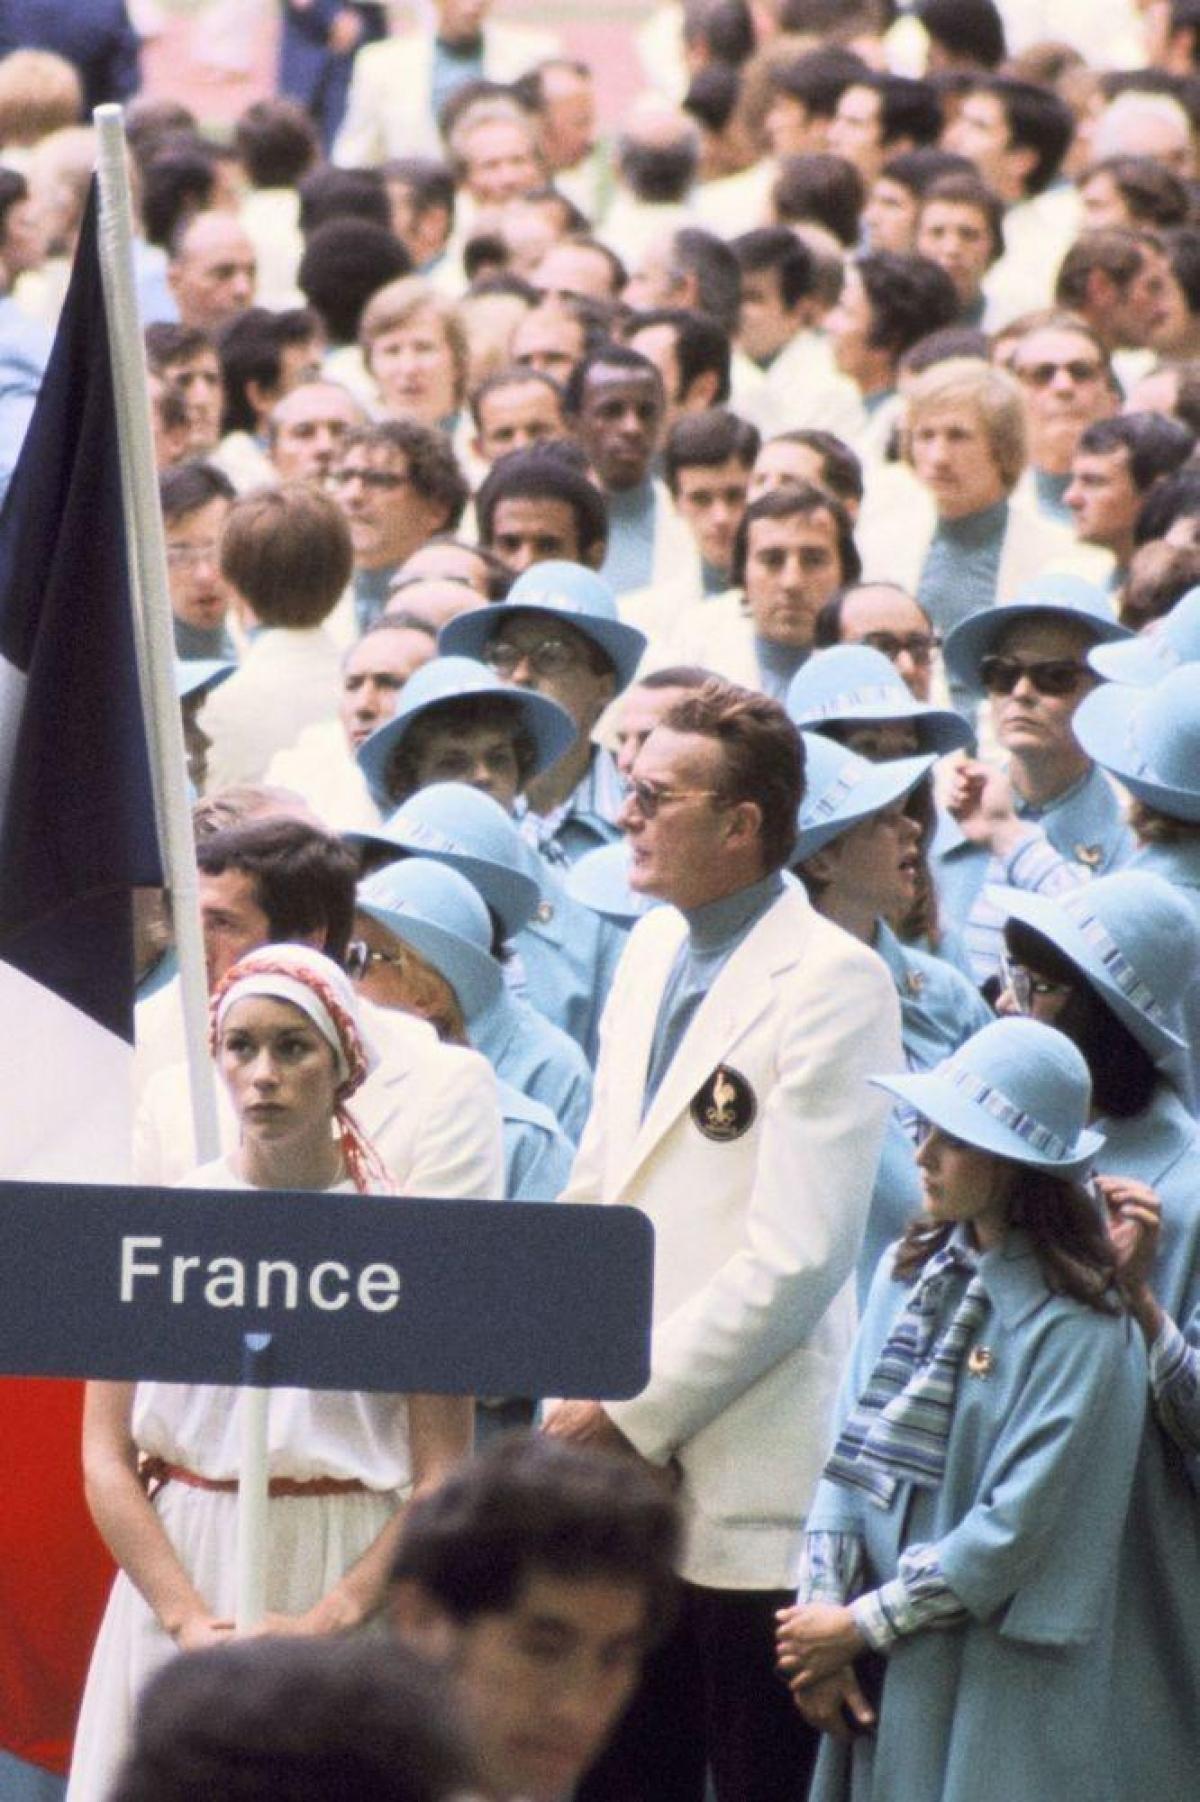 Đội tuyển Pháp tại Olympic năm1976.